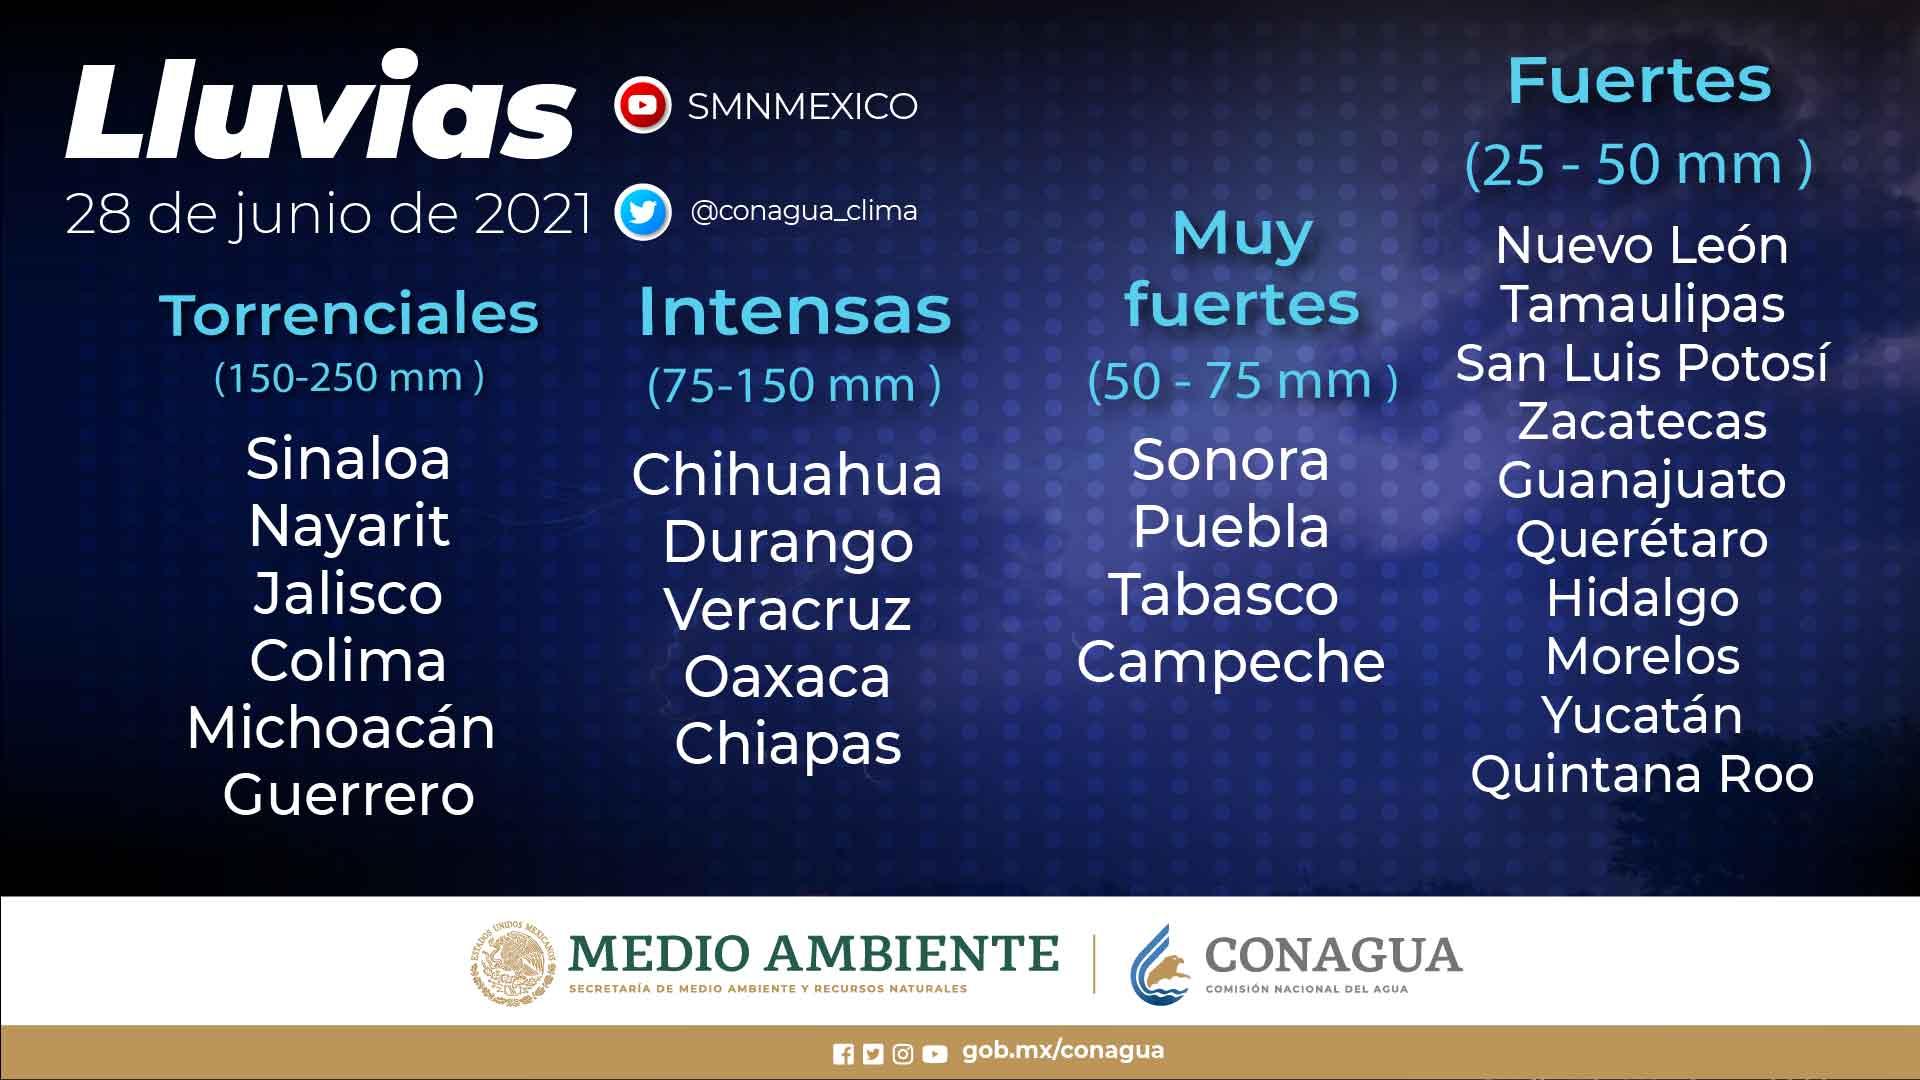 Se pronostican lluvias torrenciales en Colima, Guerrero, Jalisco, Michoacán, Nayarit y Sinaloa